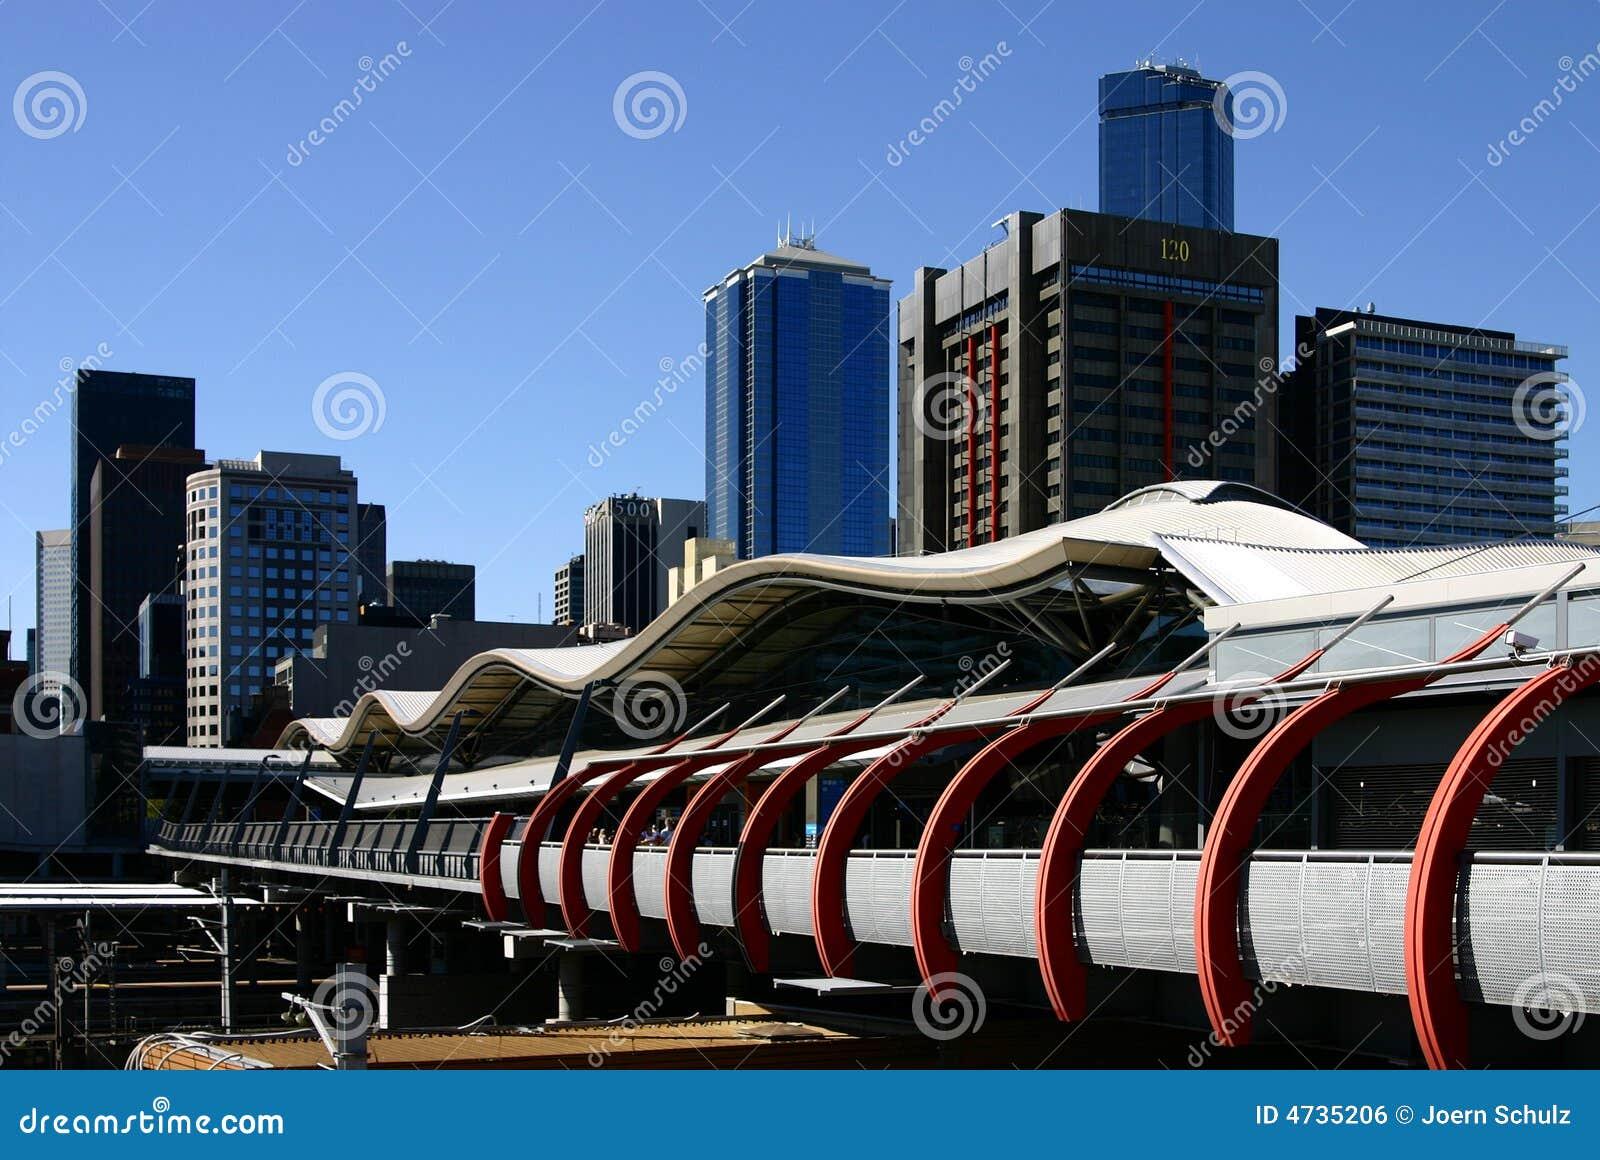 Melbourne krzyżowa południowej stacji